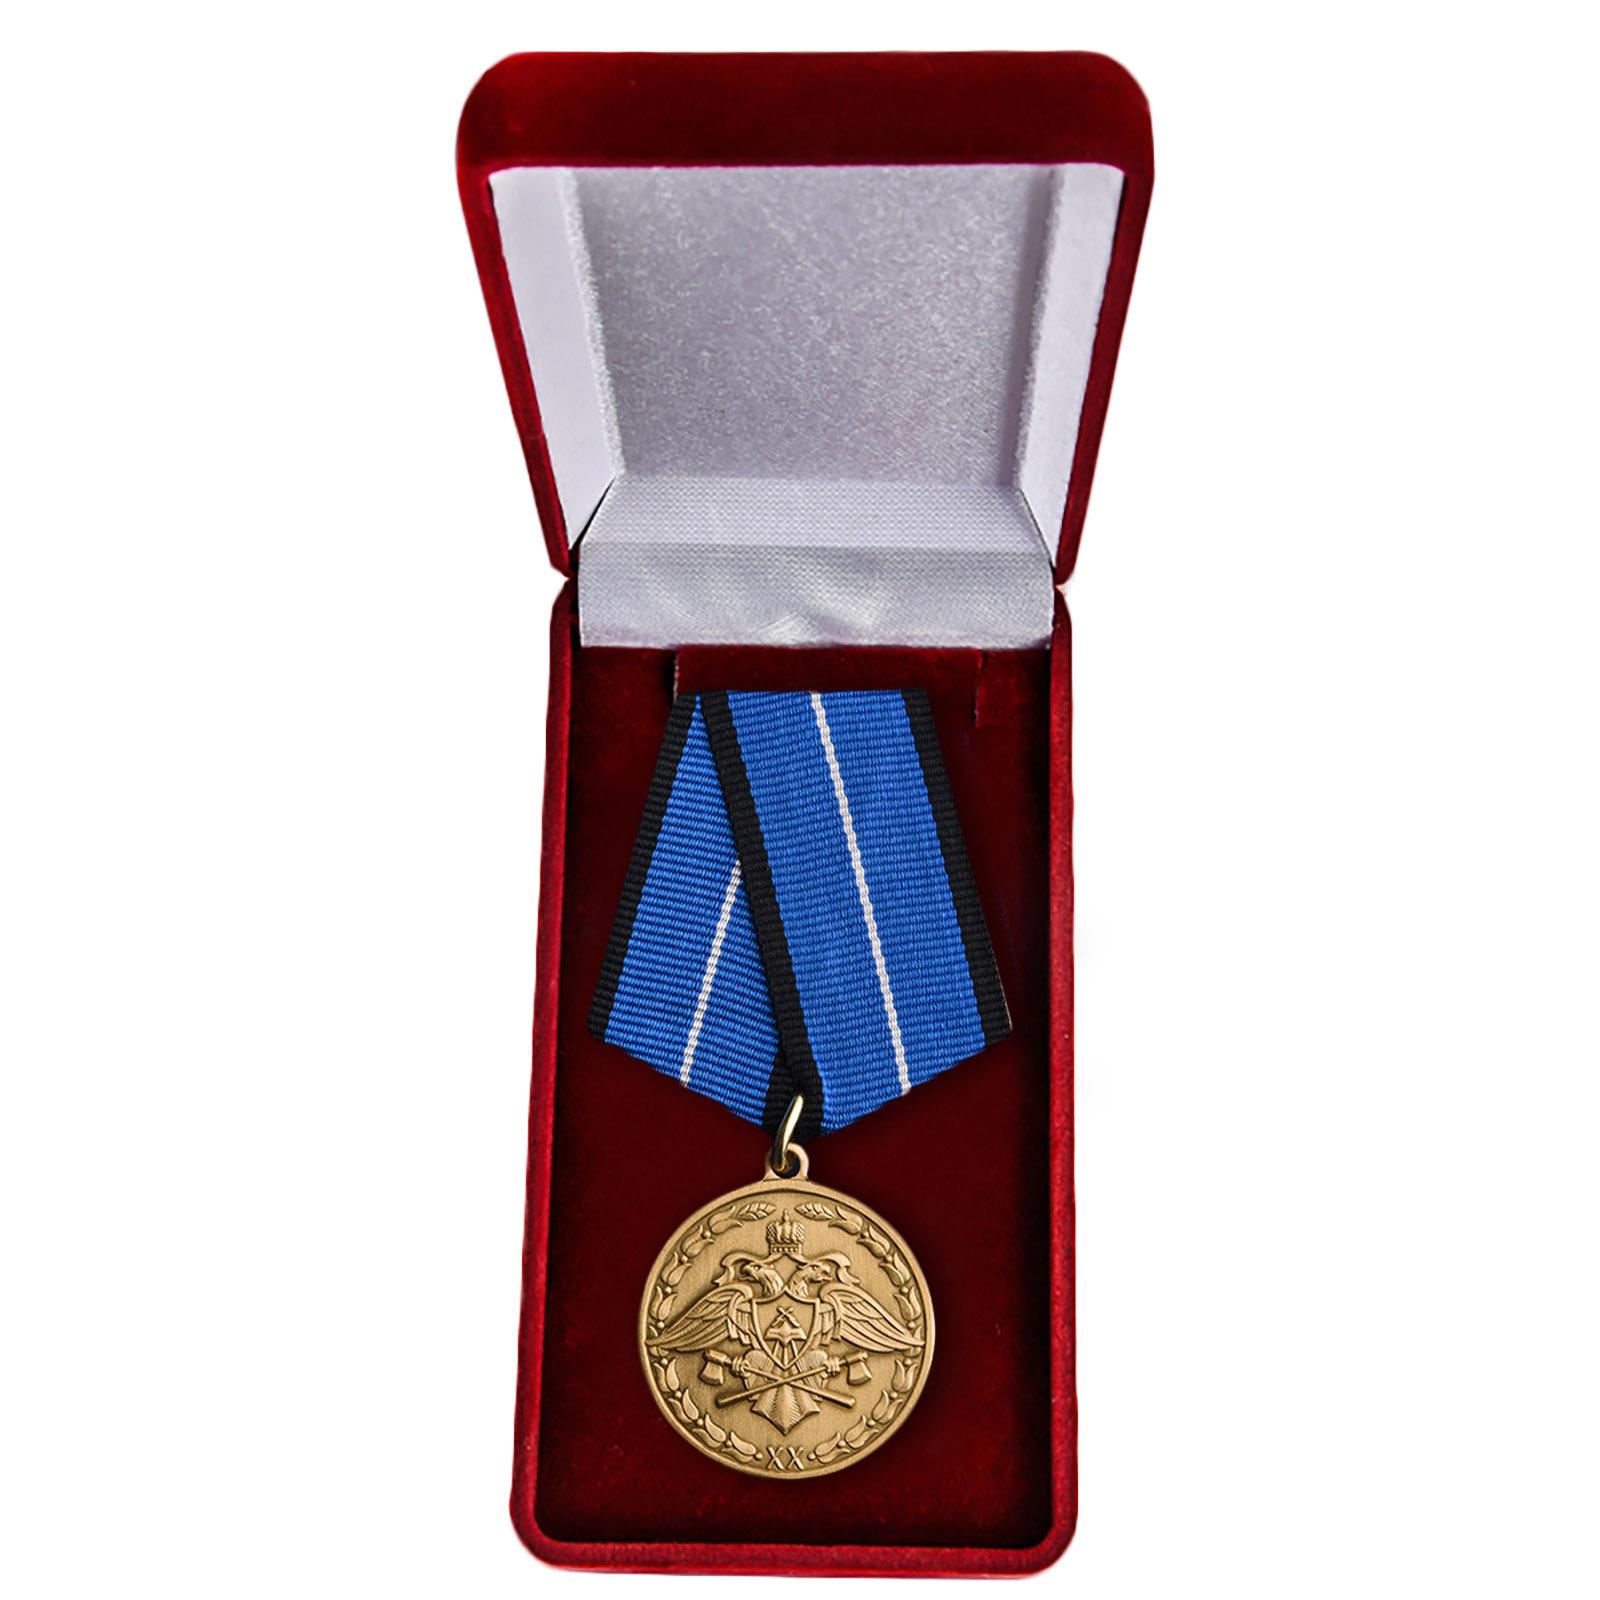 Медаль Спецстроя За безупречную службу 1 степени - в футляре